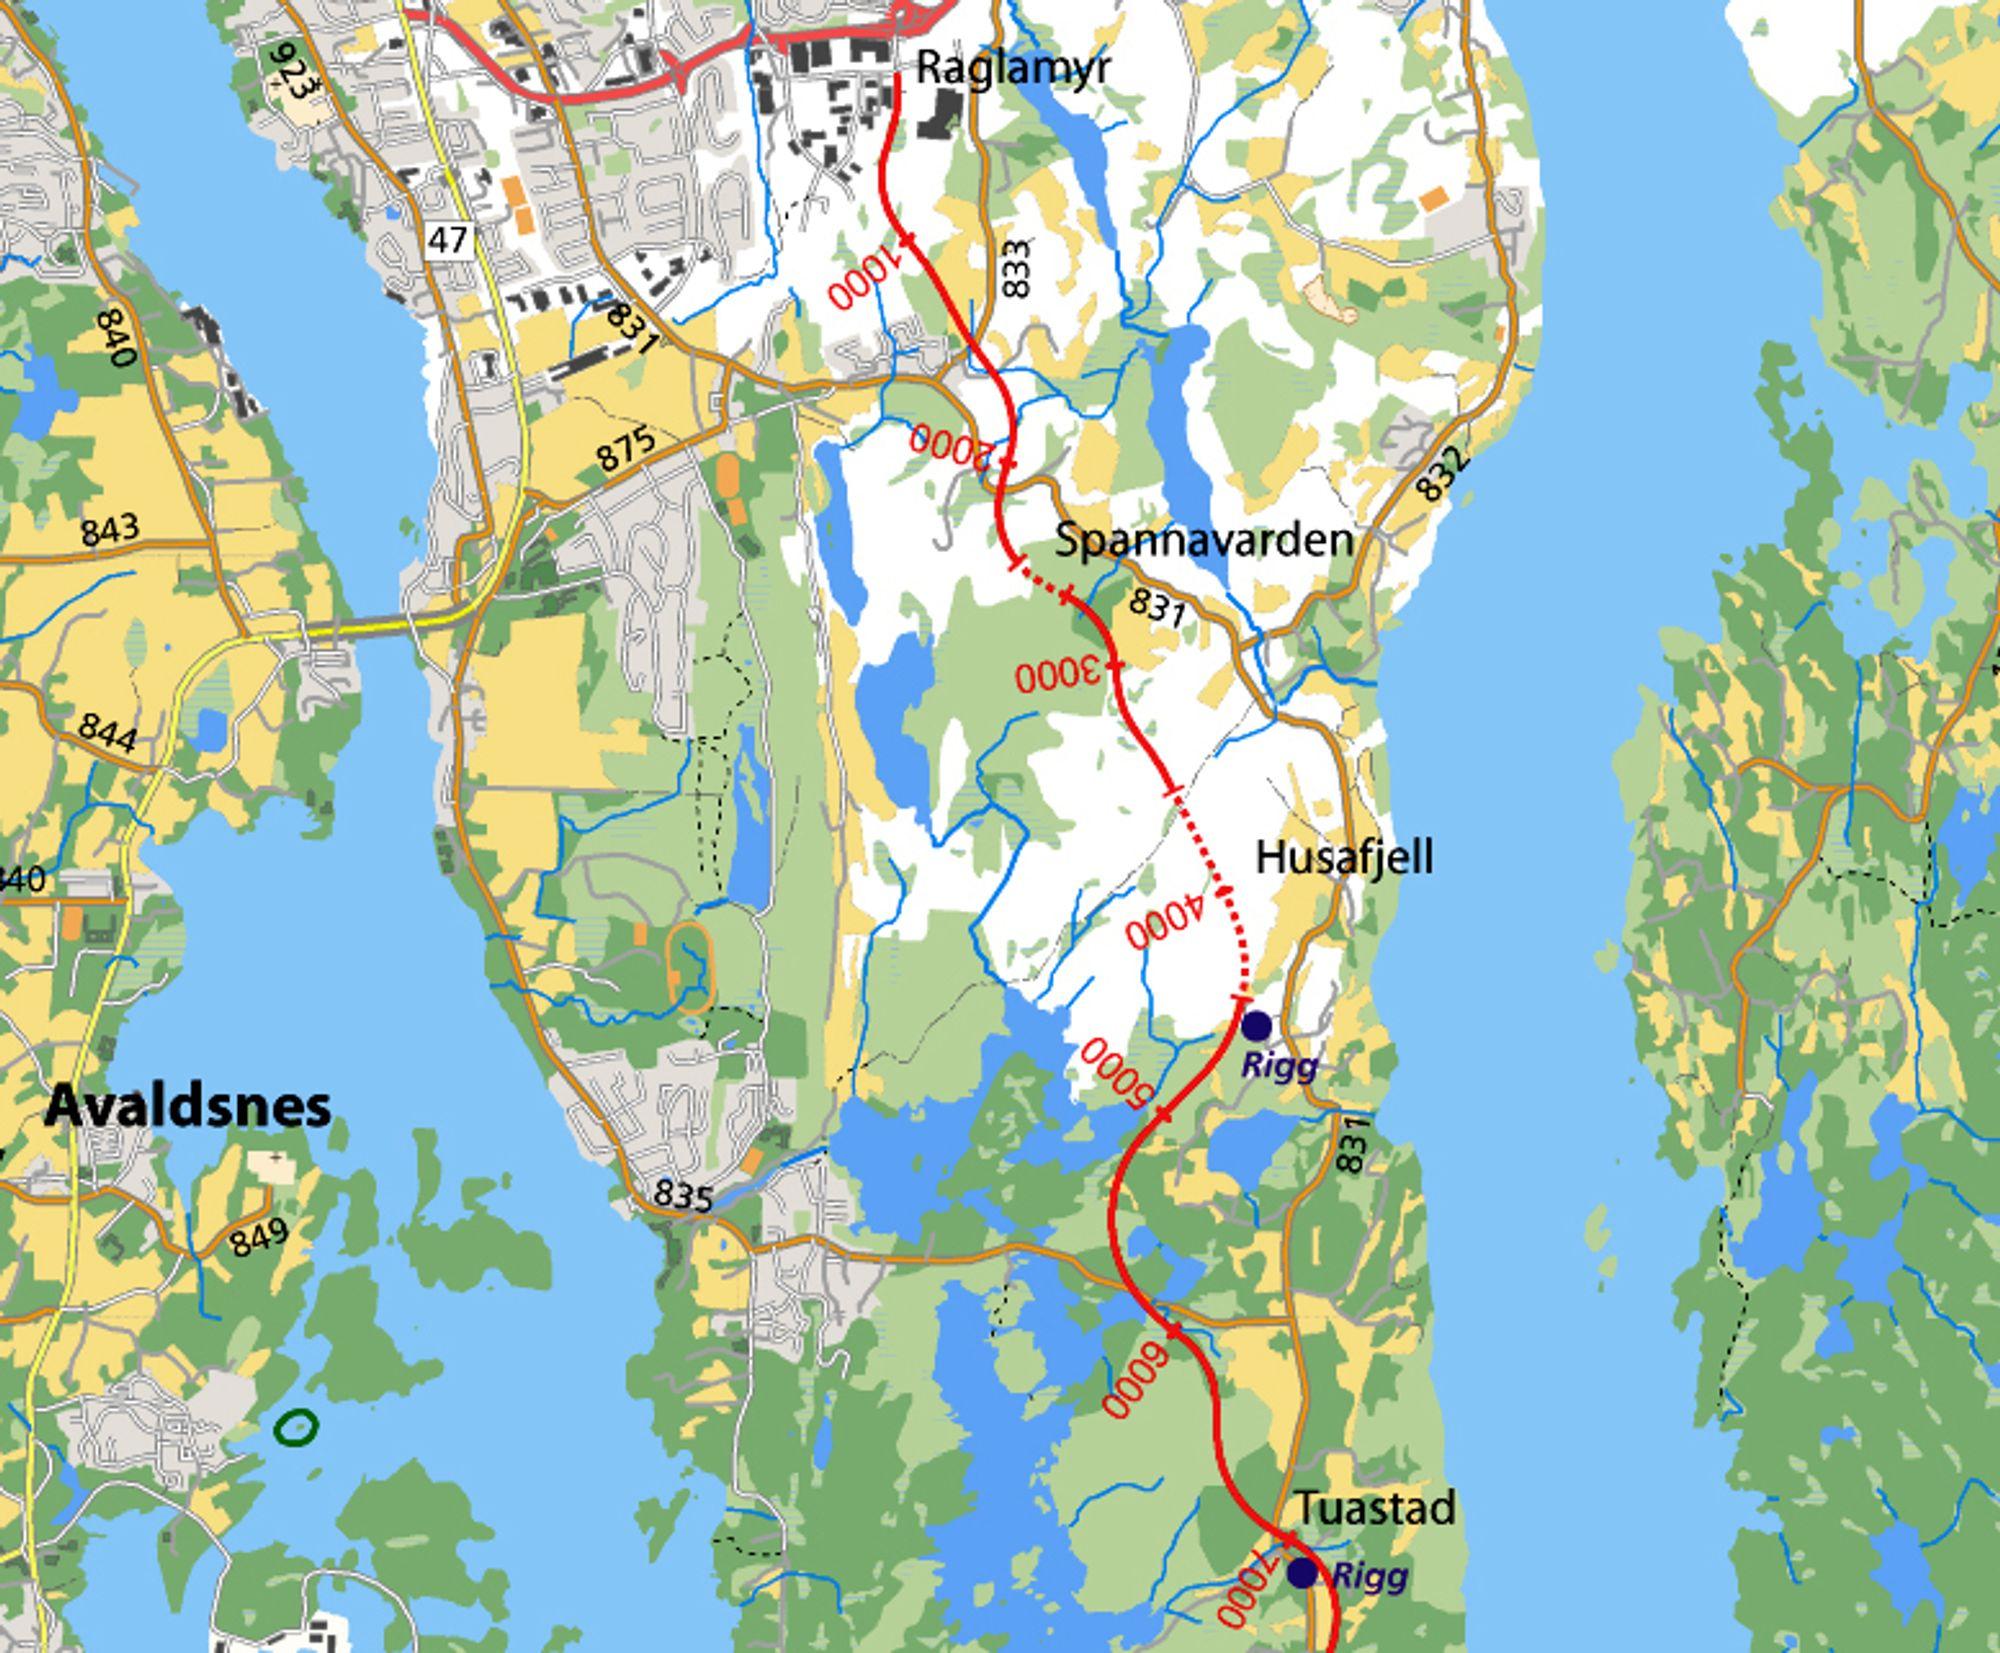 Strekningen Raglamyr-Tuastad er 6,9 km lang og utgjør over halvparten av den vertikale delen av T´en i T-forbindelsen. Vassbakk & Stol har gitt det klart laveste anbudet.